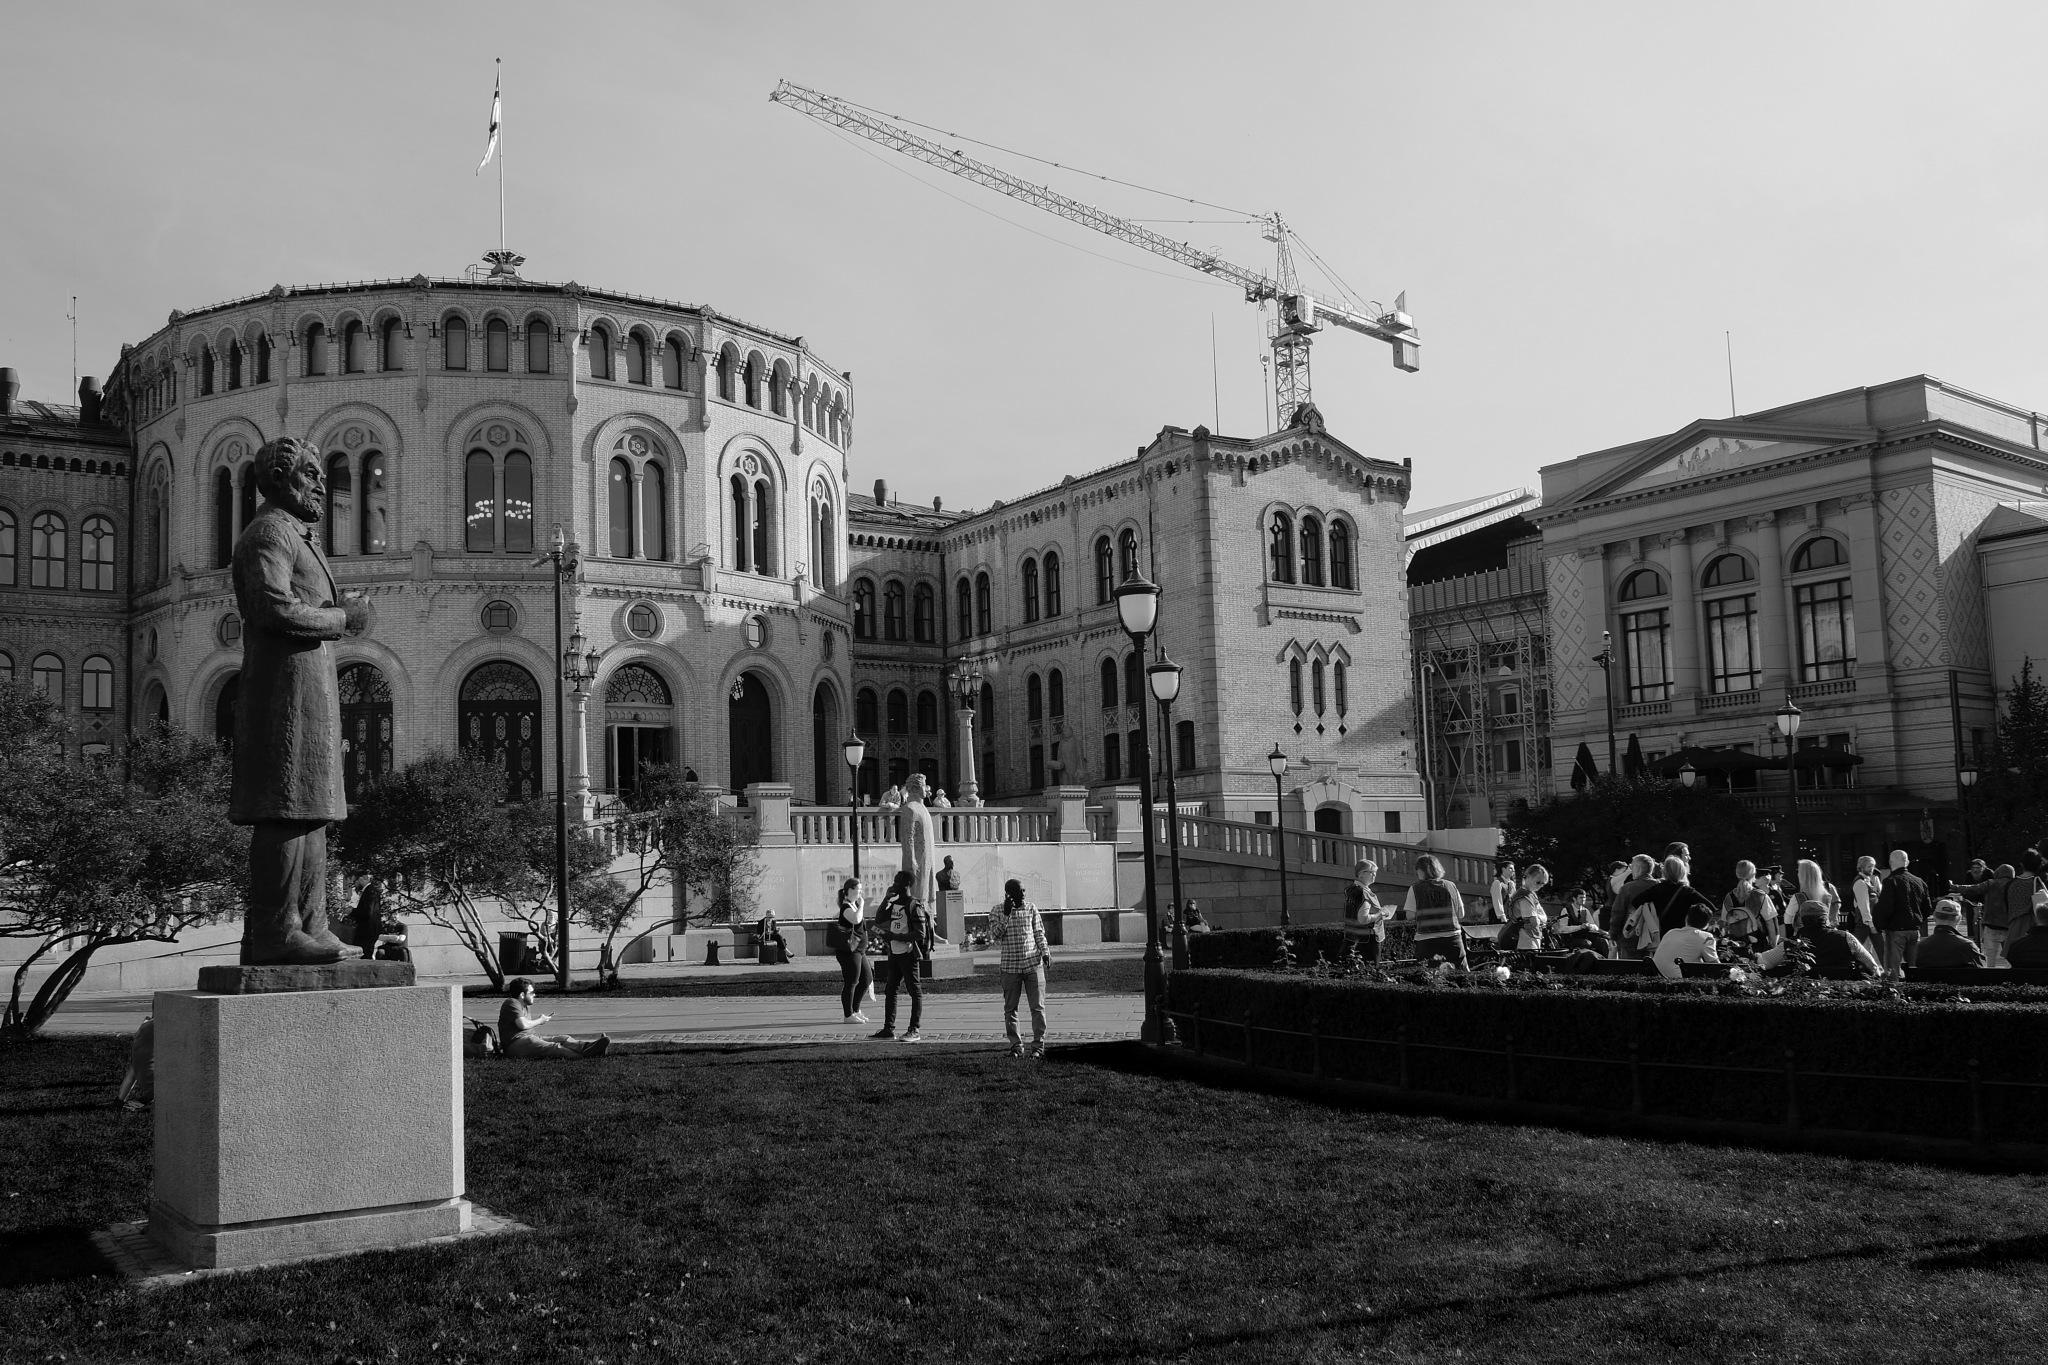 STORTINGET - Norwegian Parliament by Goran Jorganovich